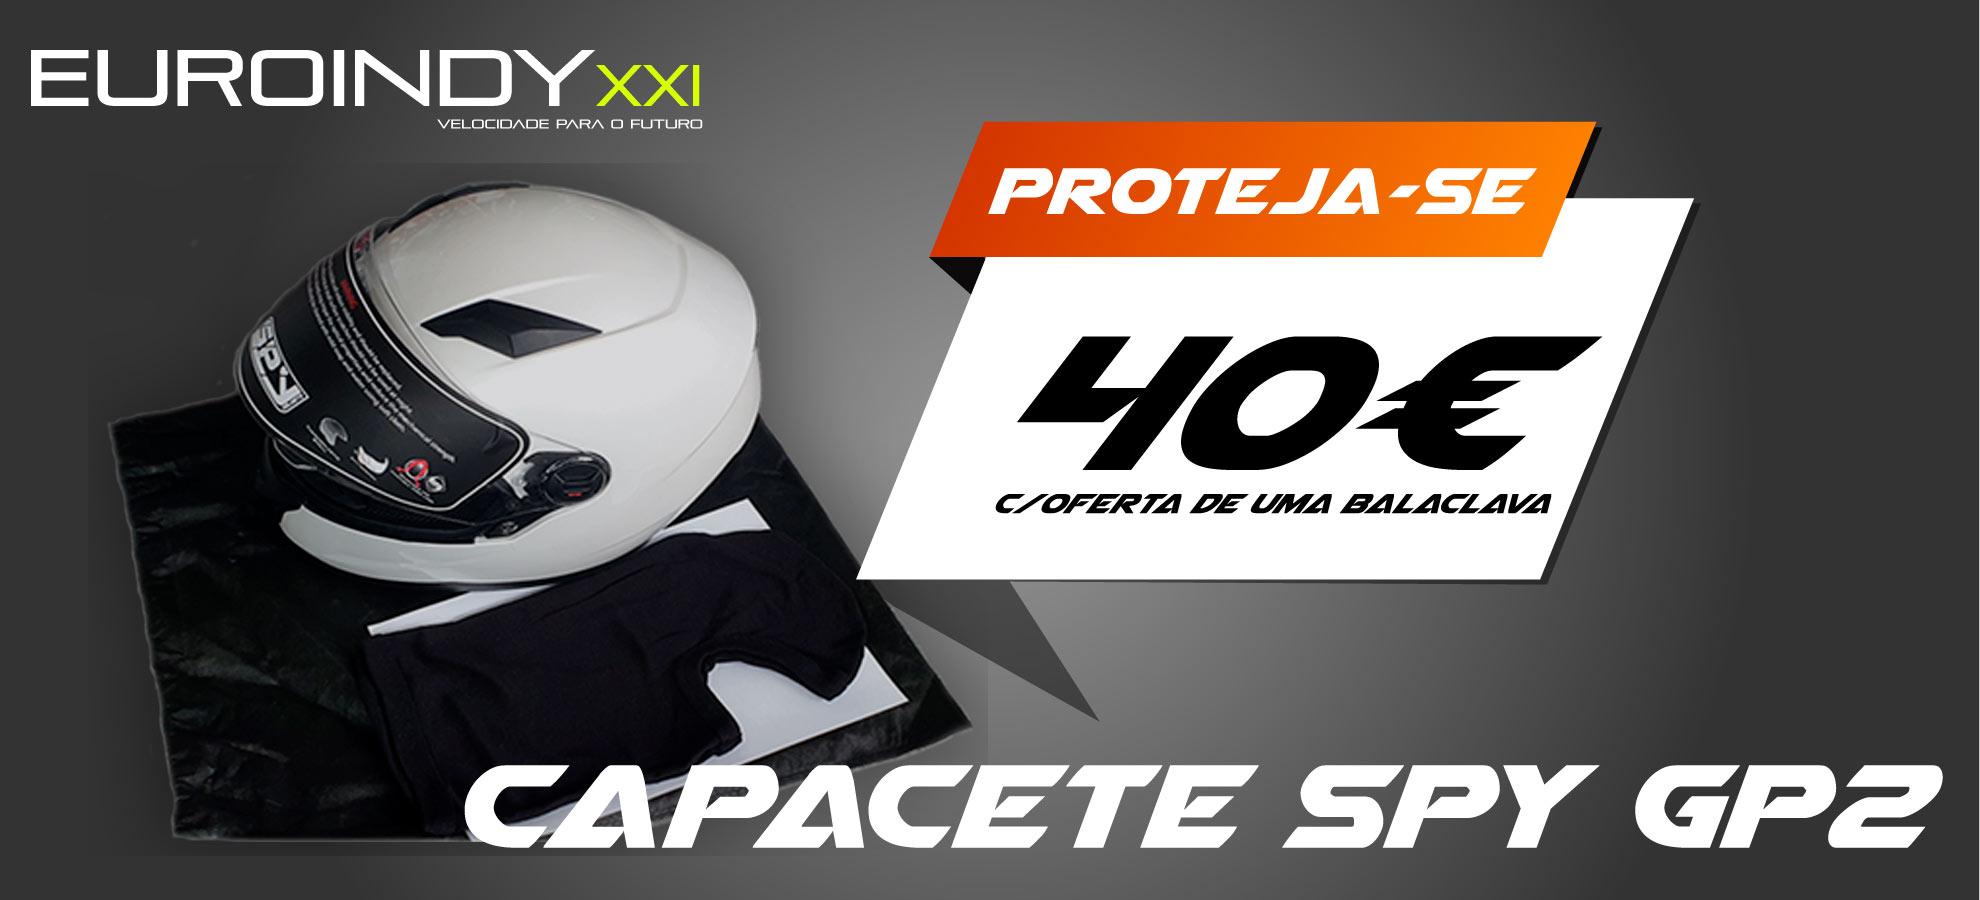 Capacete SPY SP2